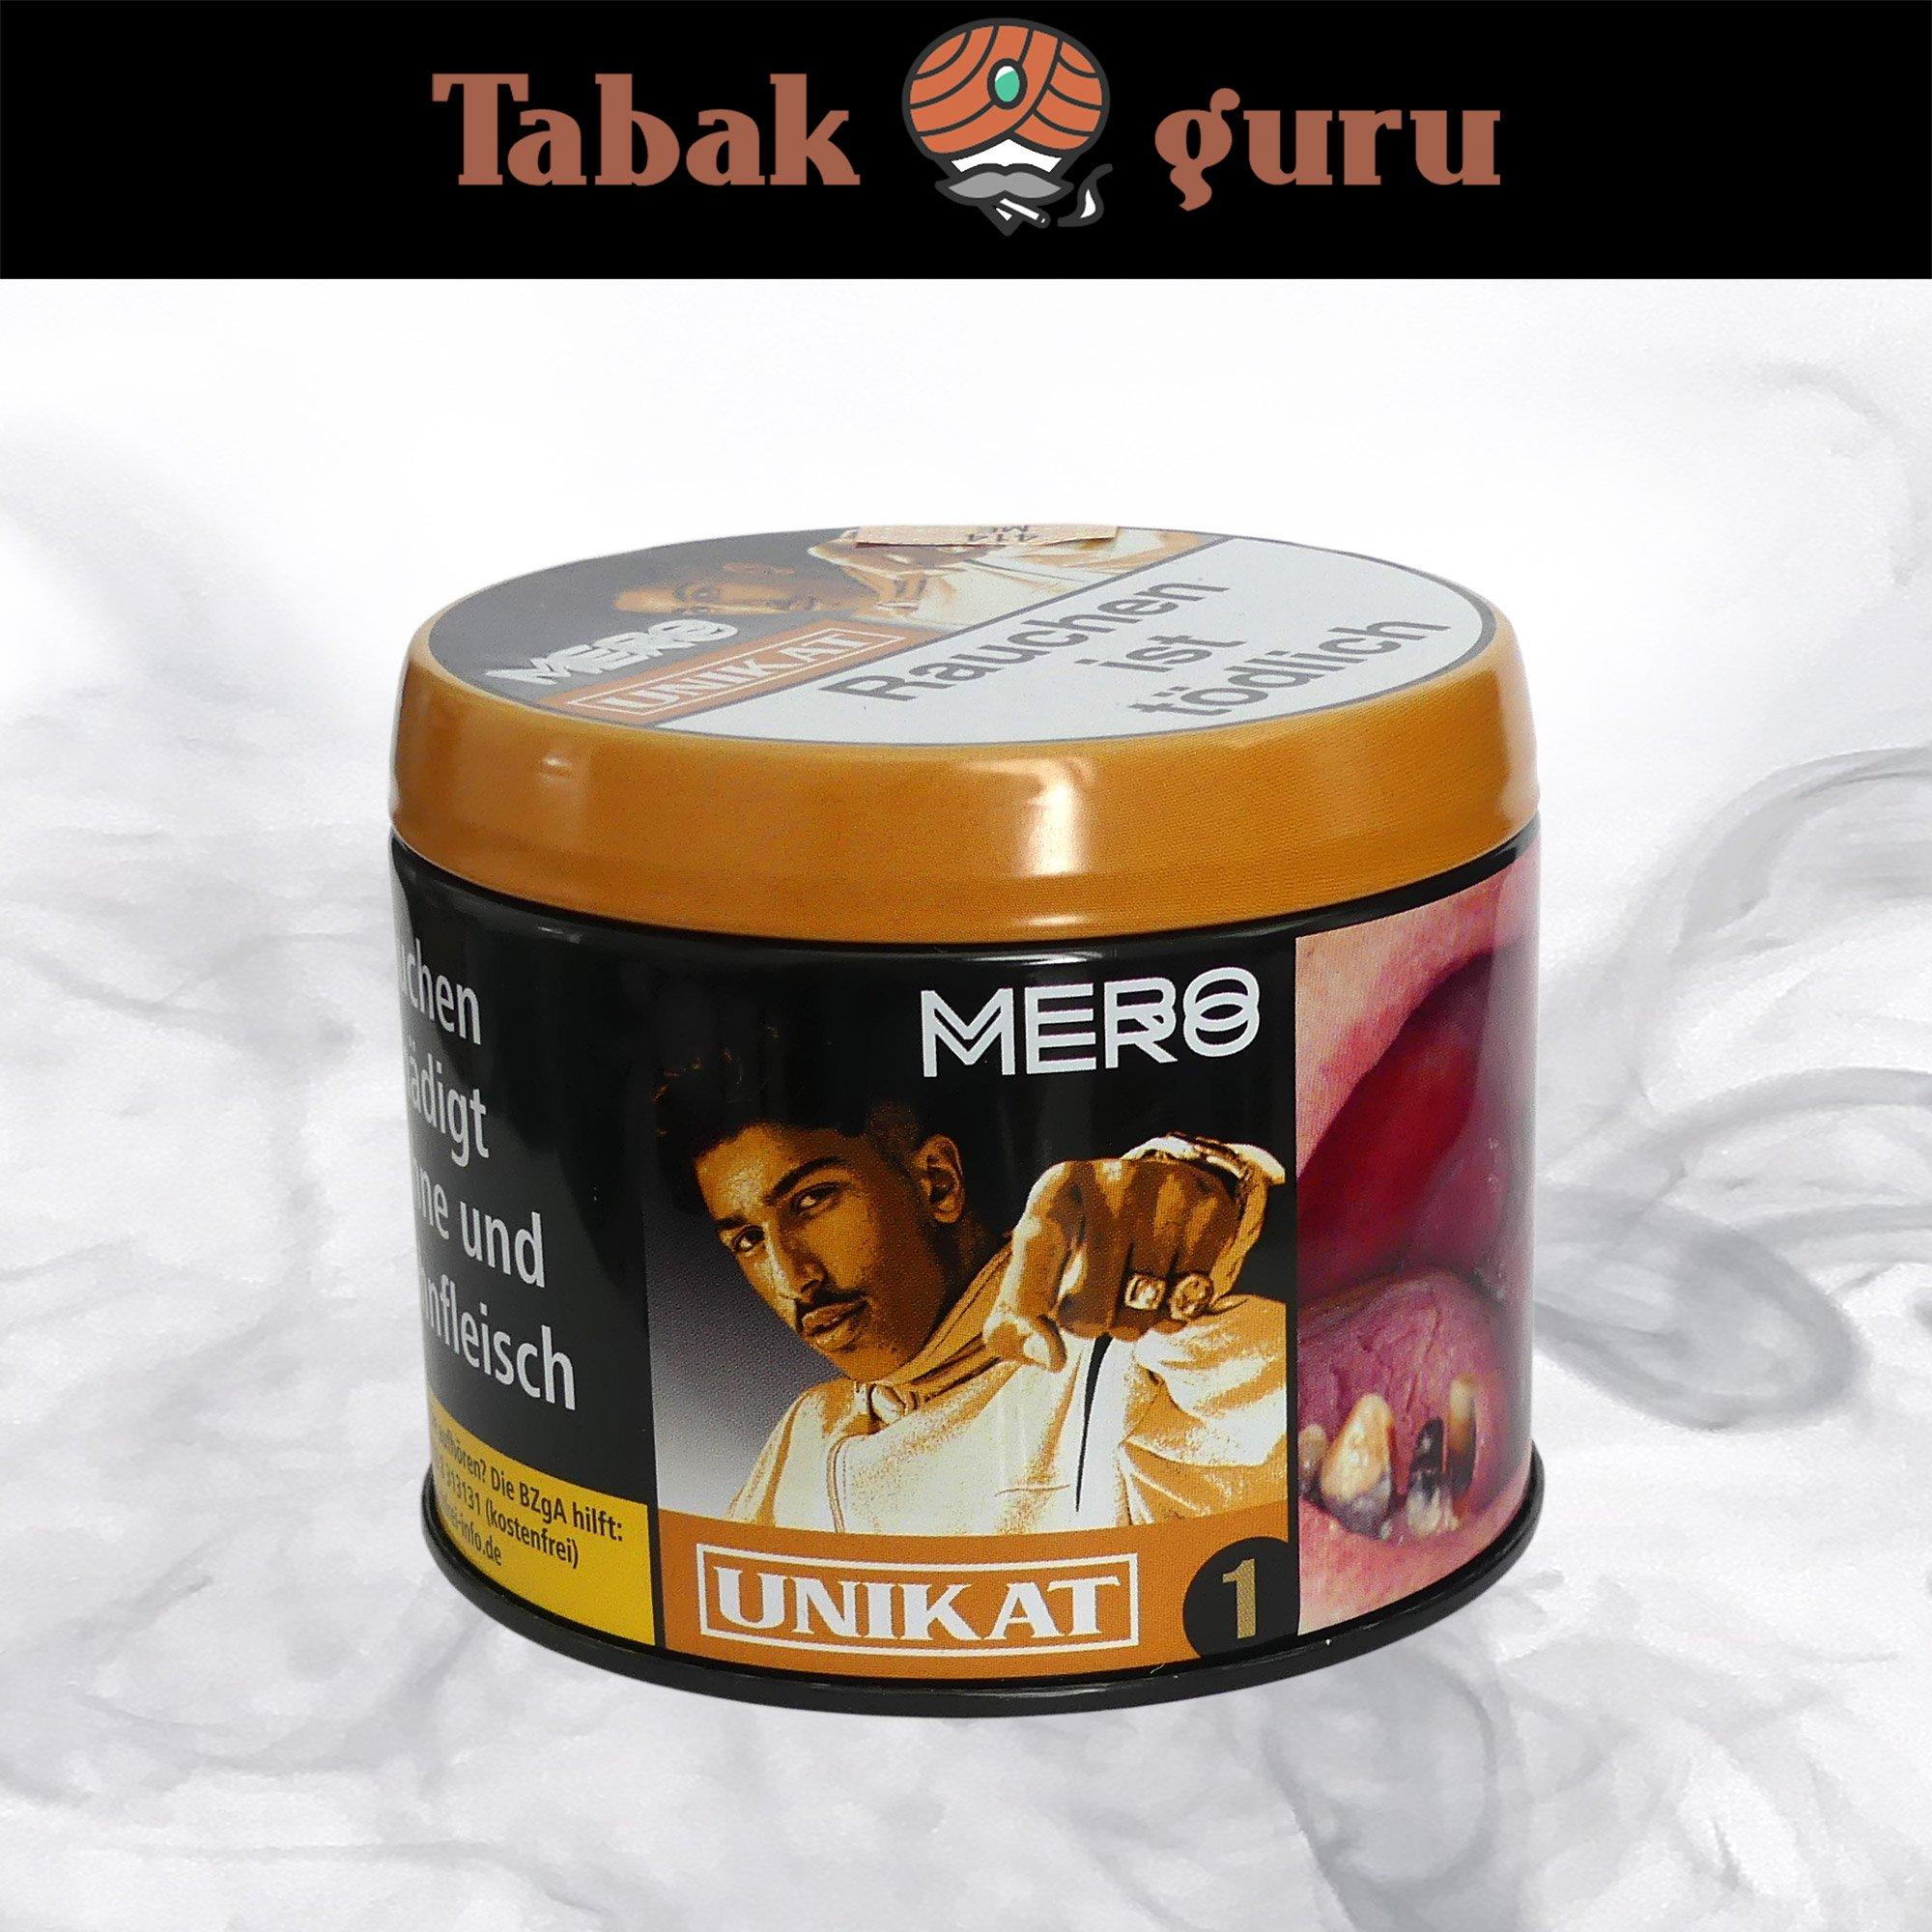 Mero Shisha Tabak - Unikat 200g